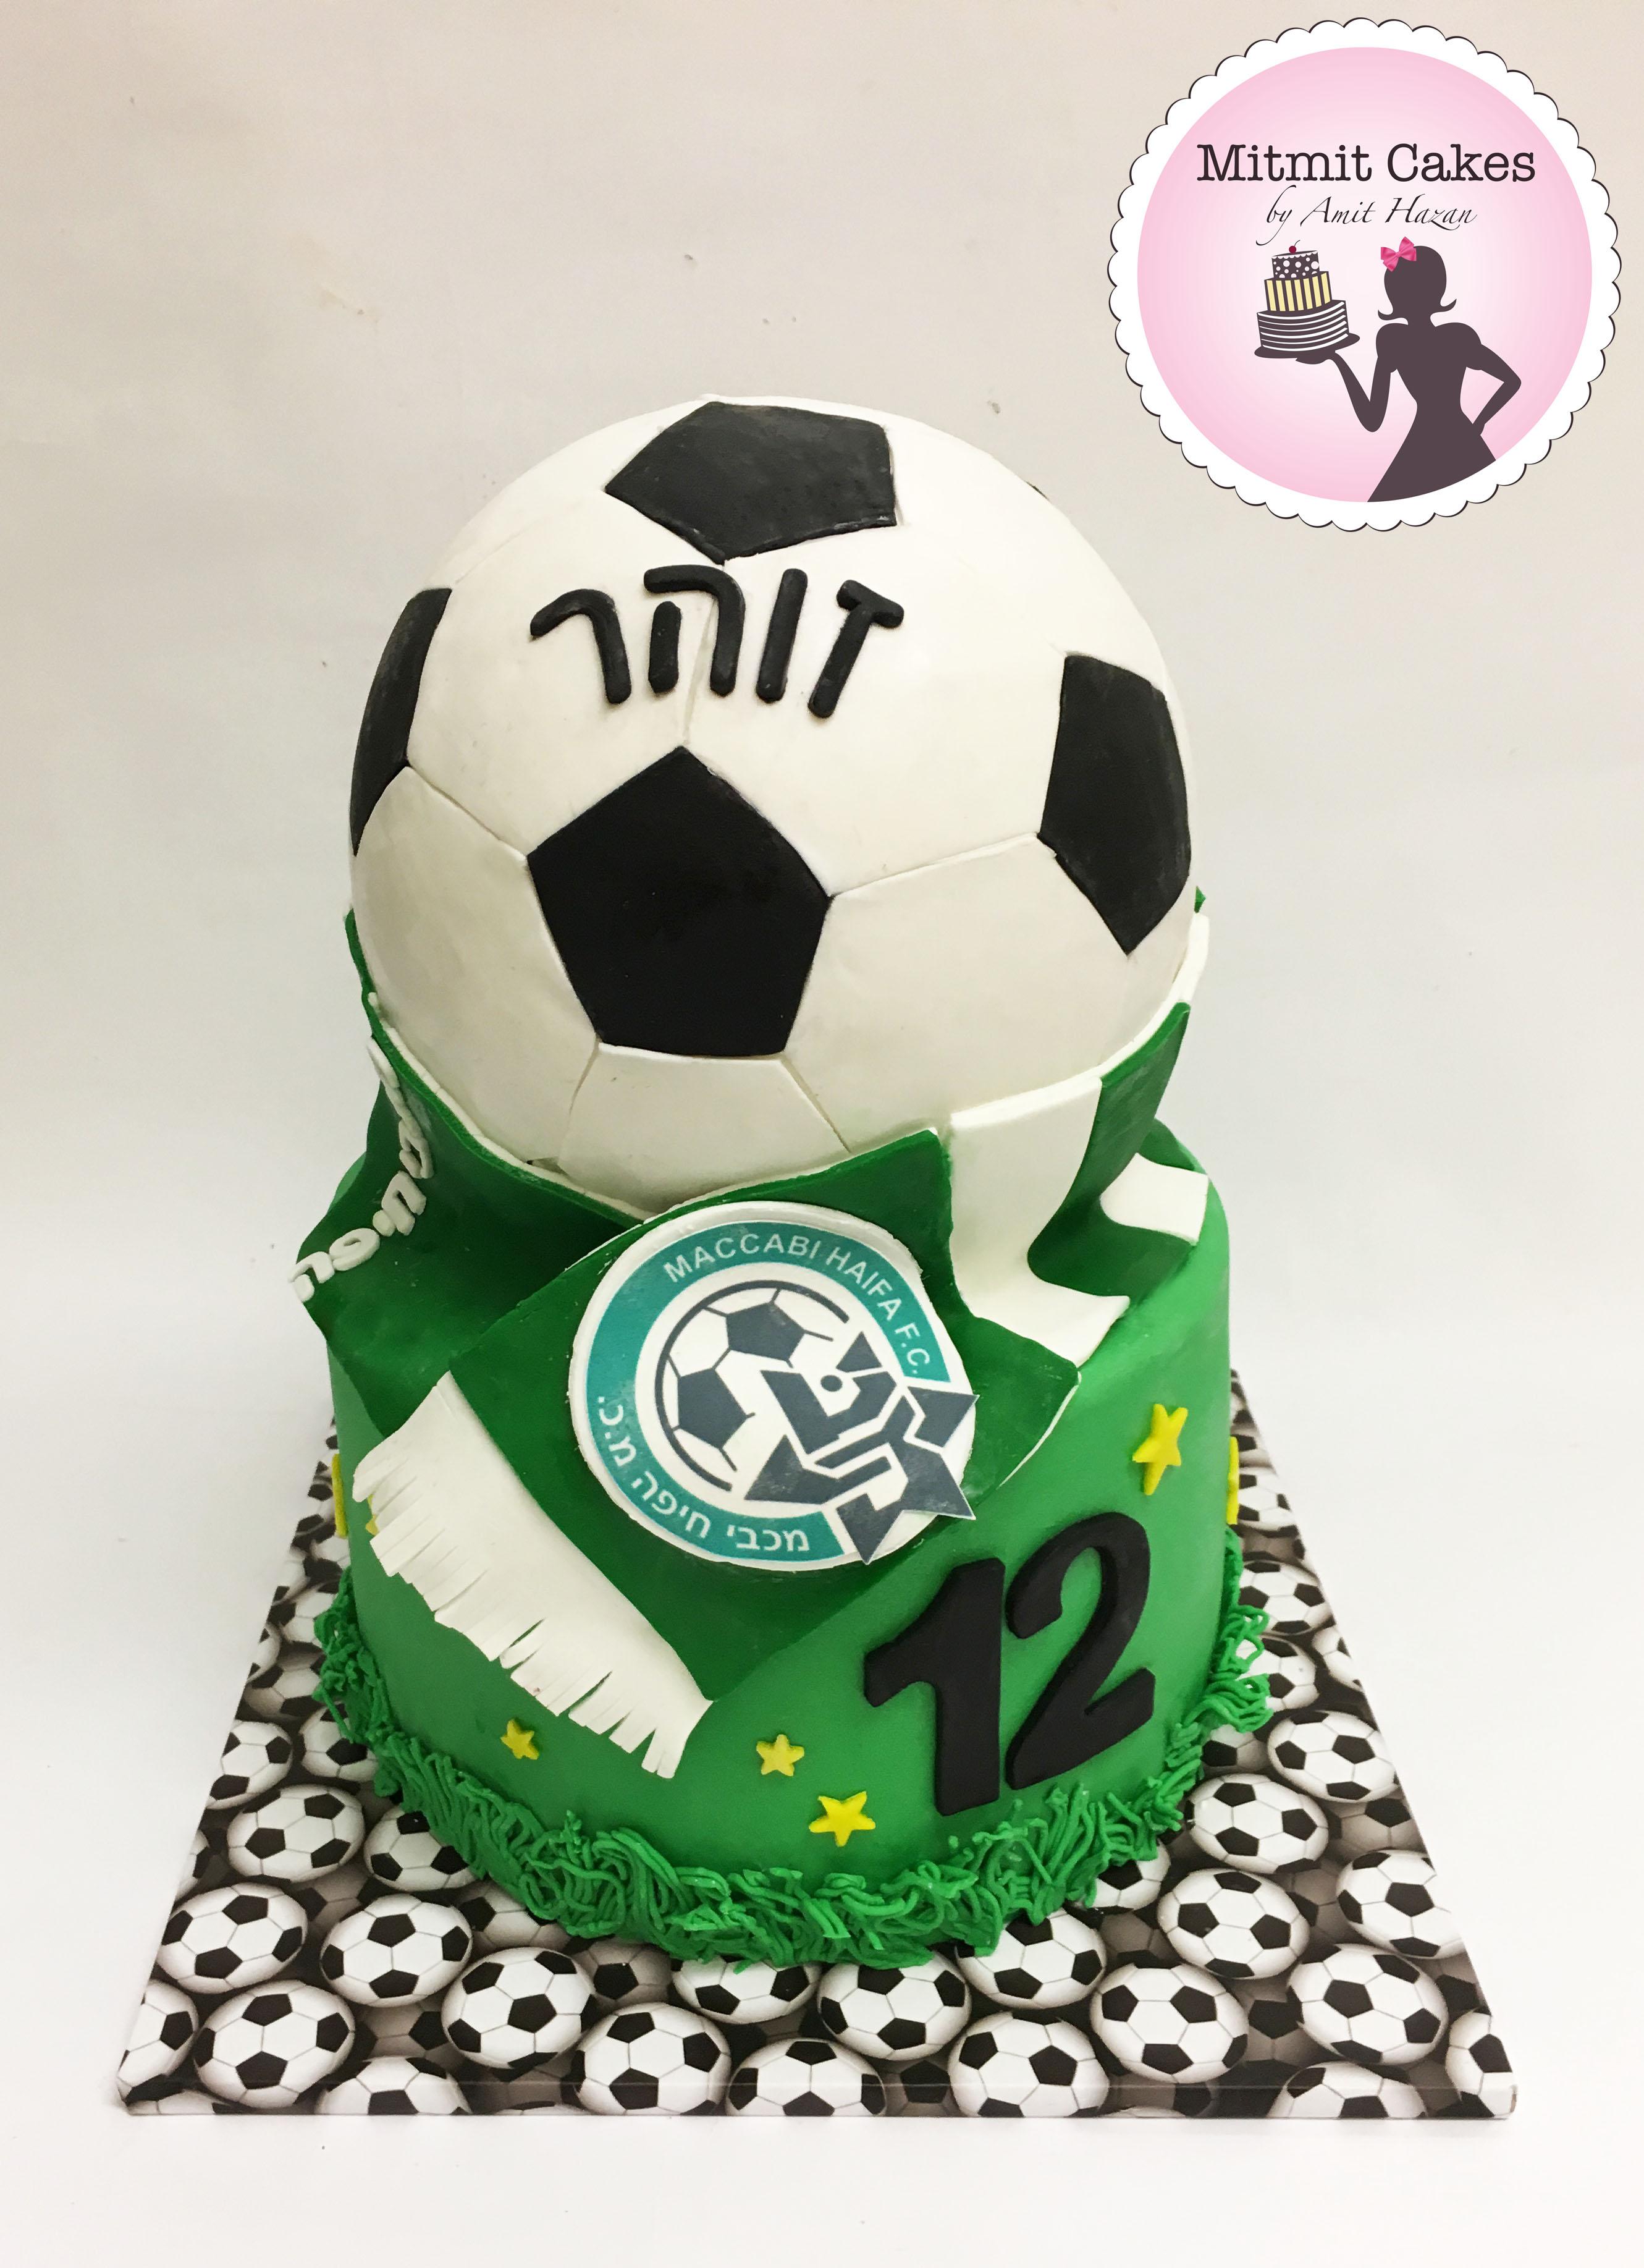 עוגת כדורגל שעוצבה על ידי דר המקסימה